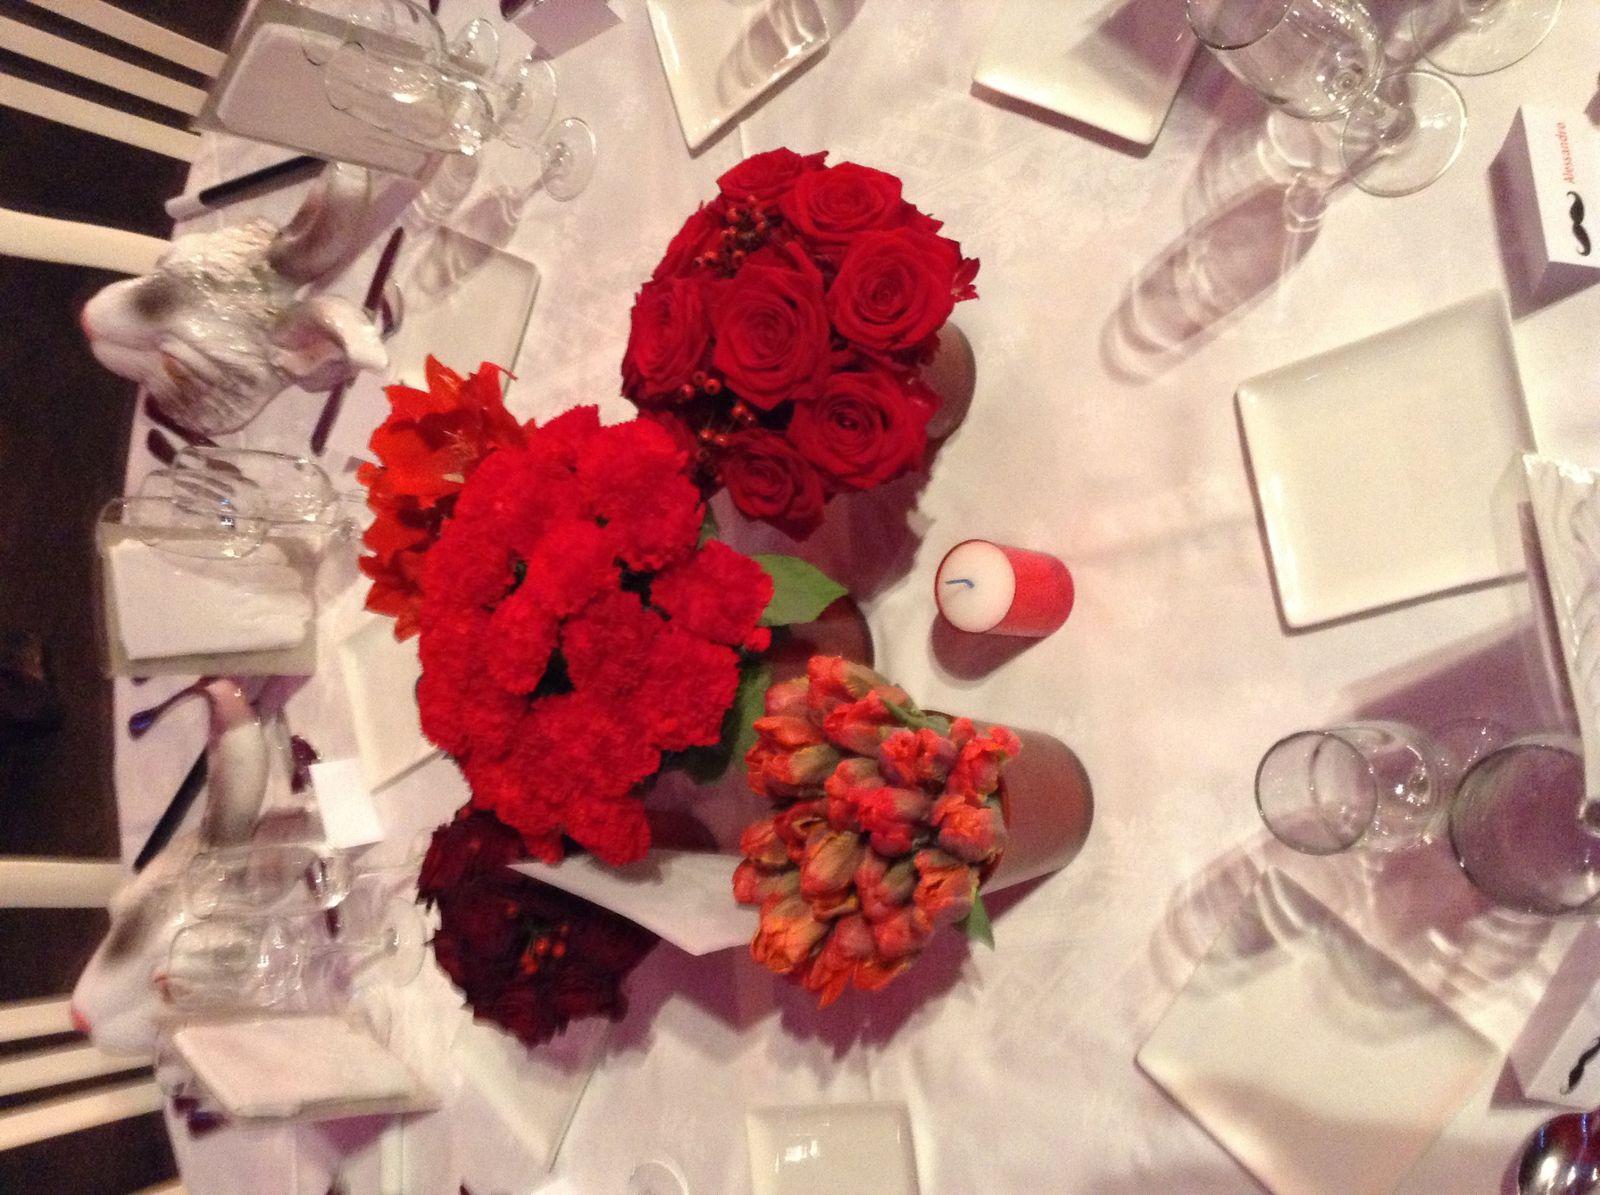 Un mariage rouge sous un chapiteau rouge... Magique